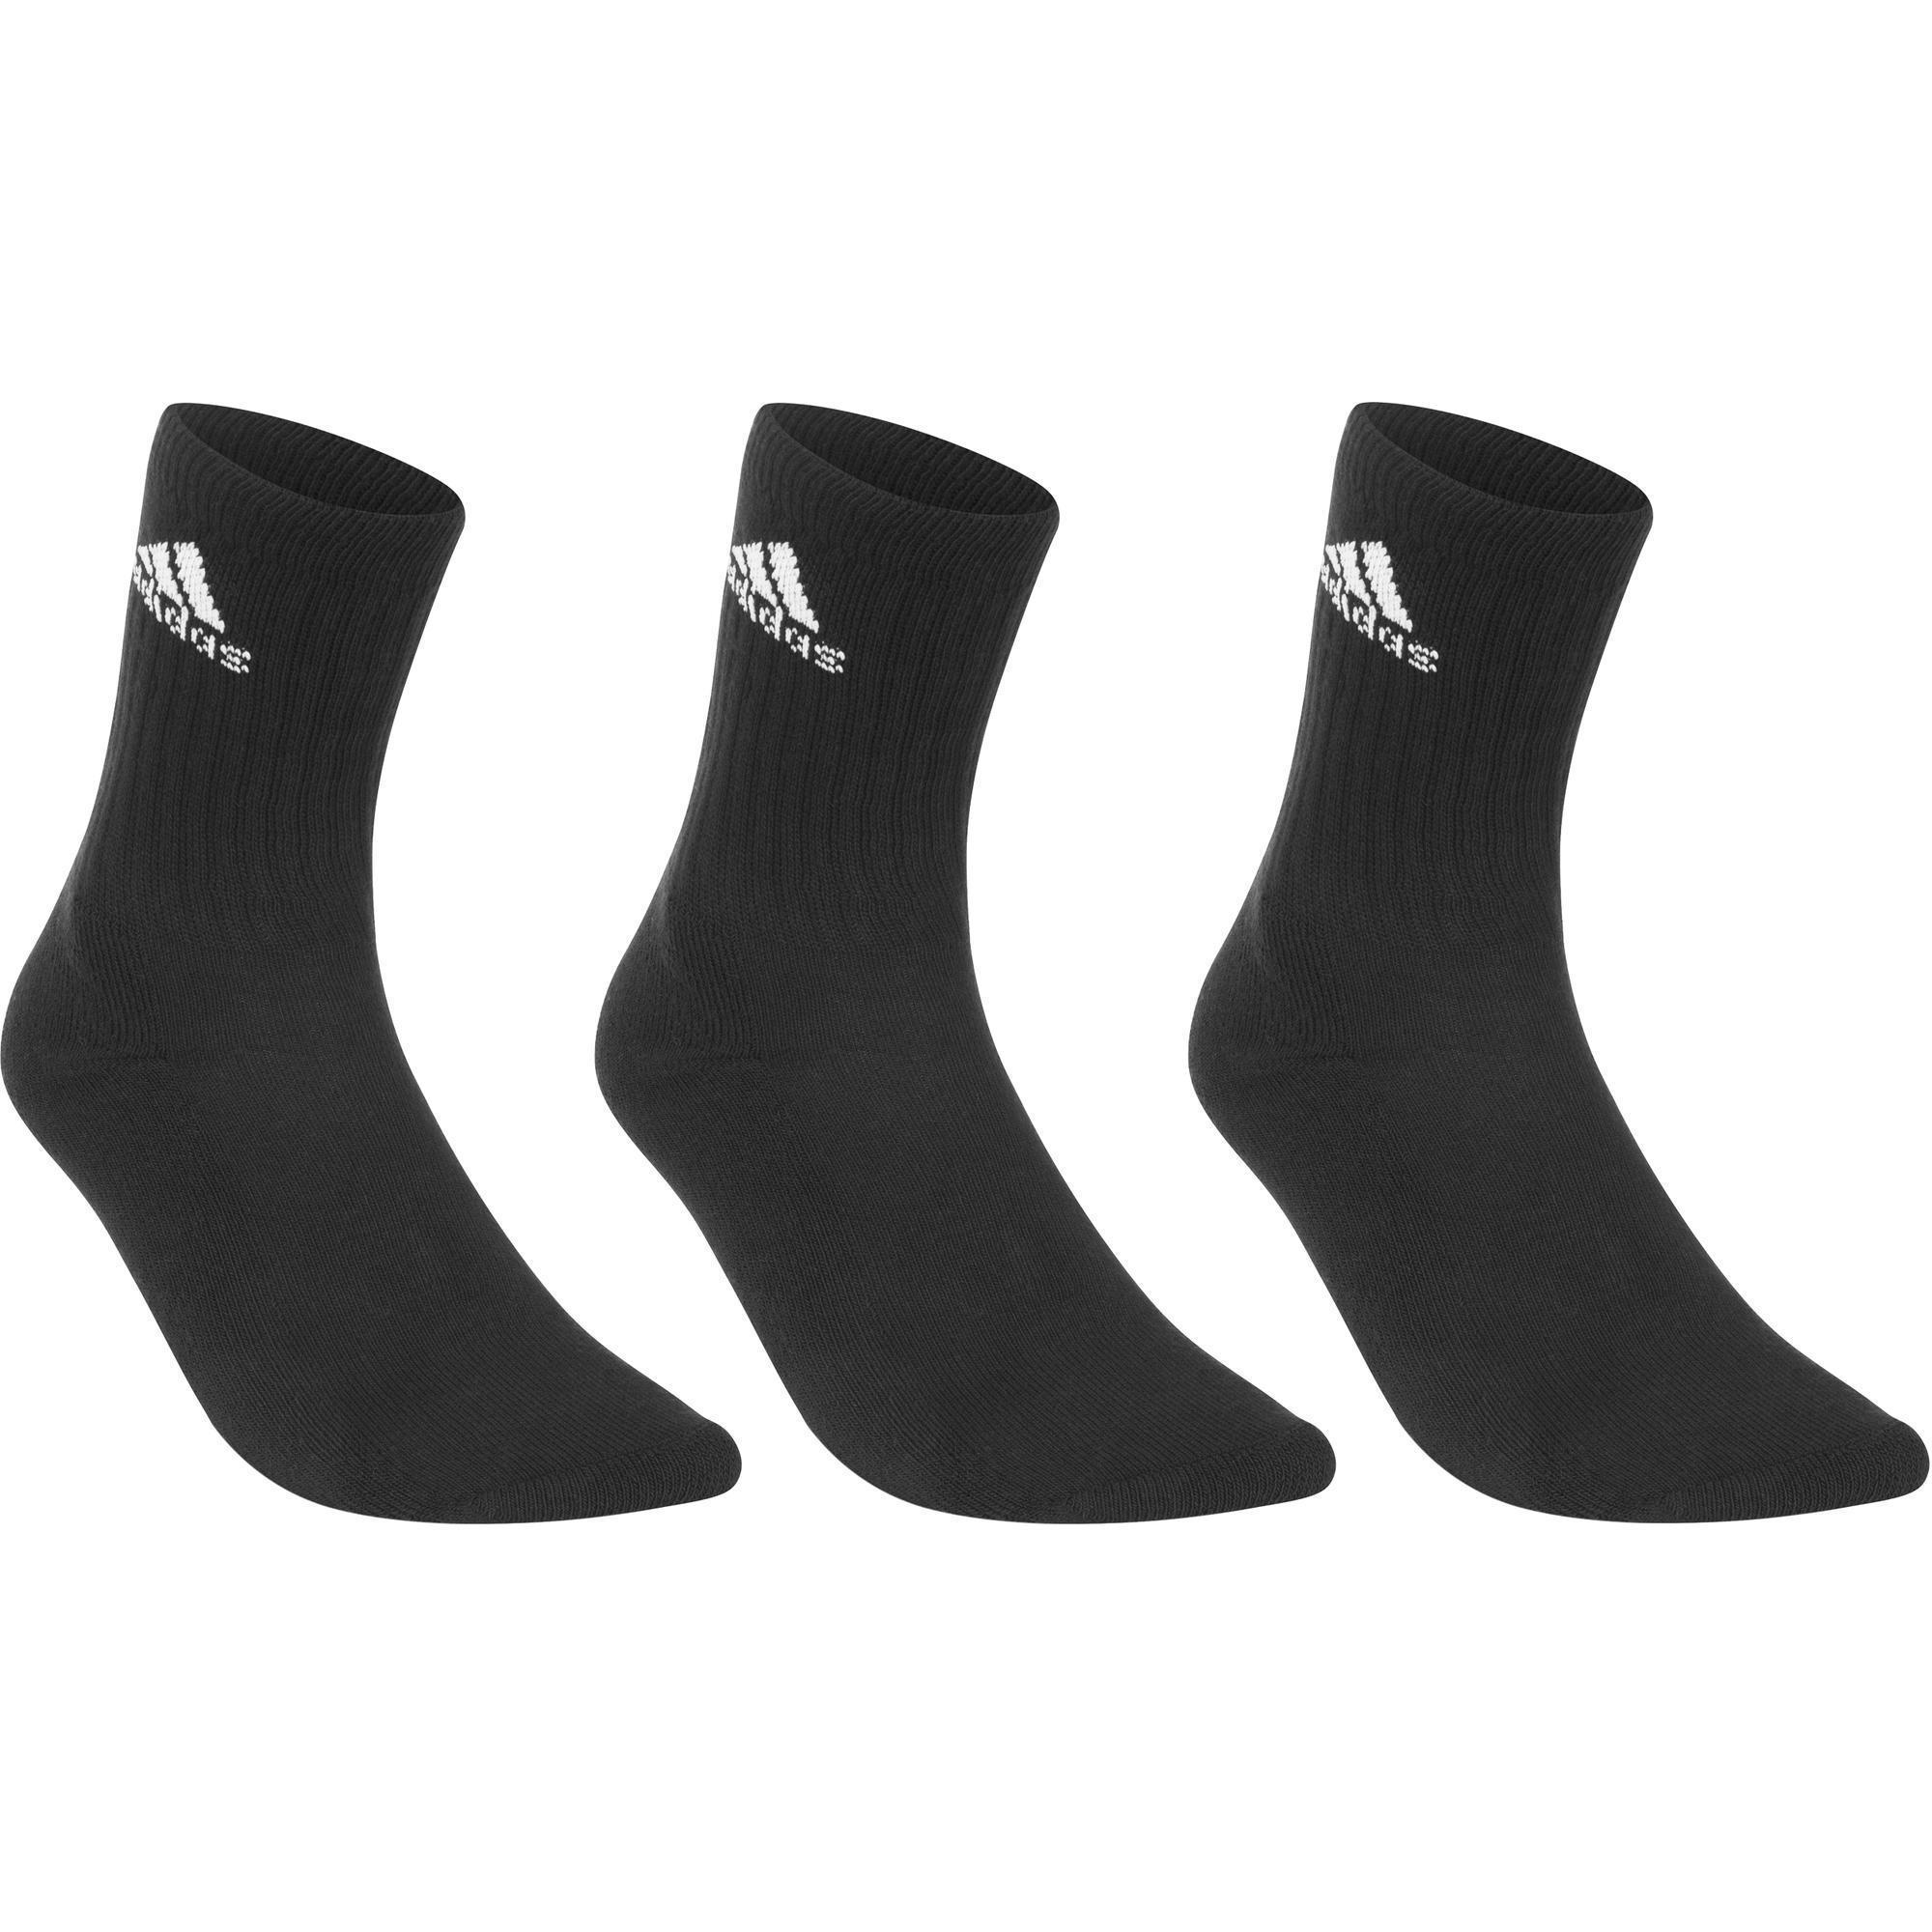 Lot de 3 paires de Chaussettes de Tennis Hautes Adidas Bacic - Taille 39-42